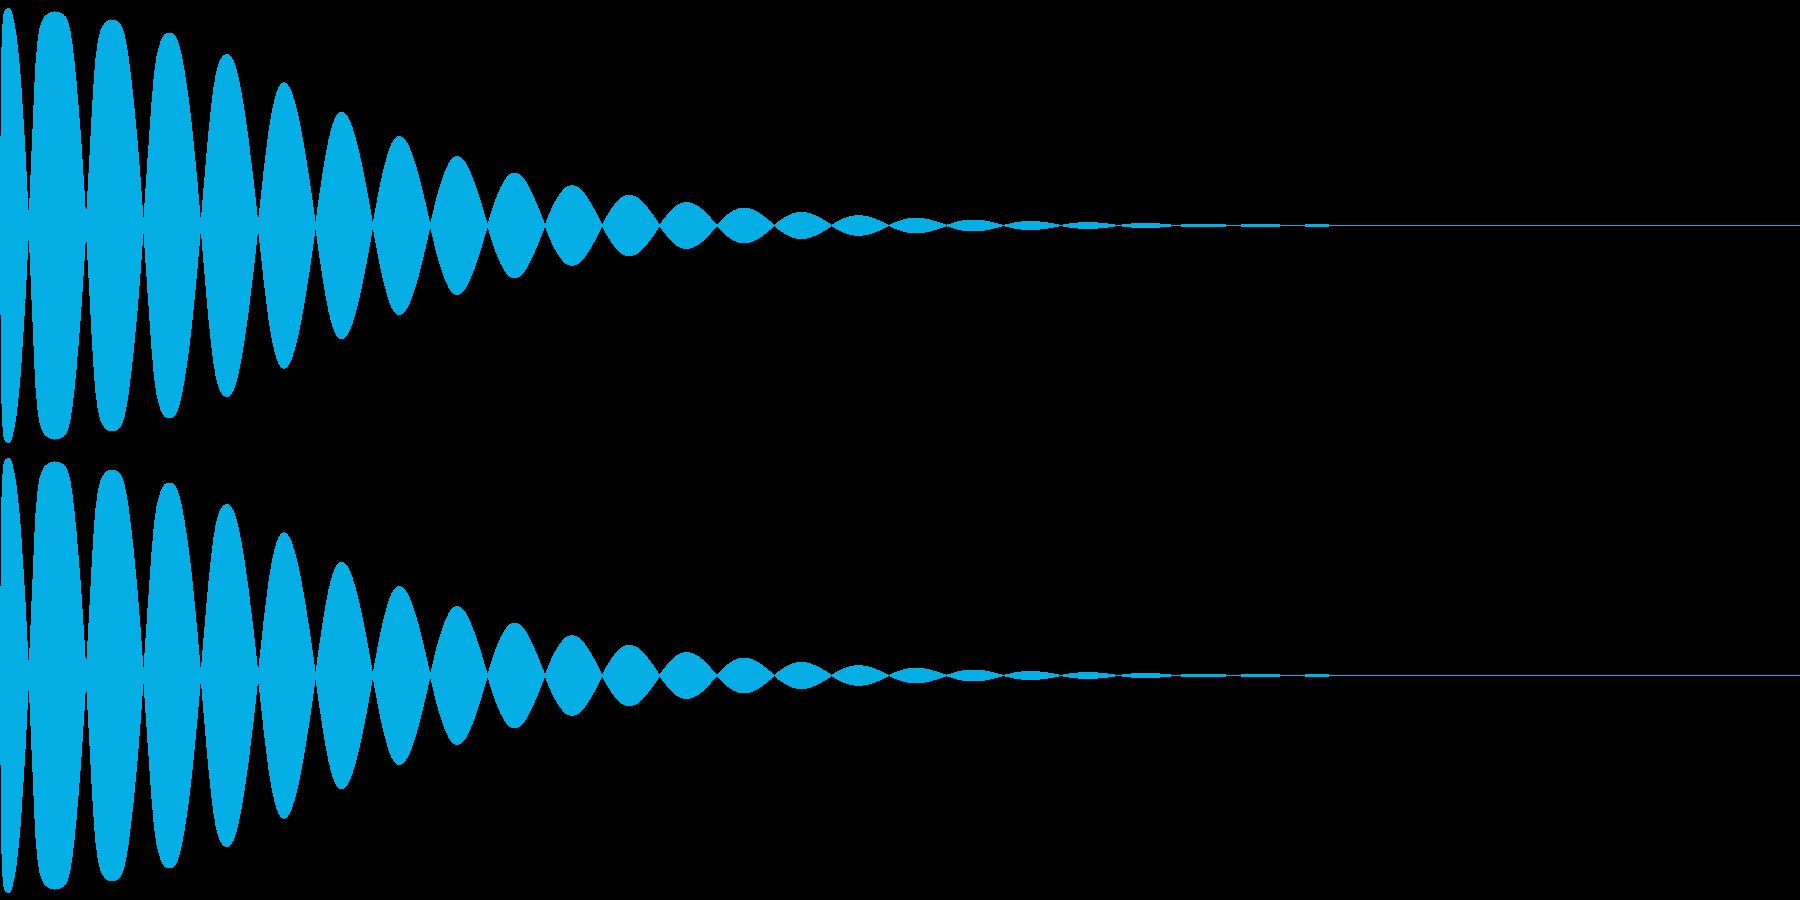 トゥィ~ン~の再生済みの波形